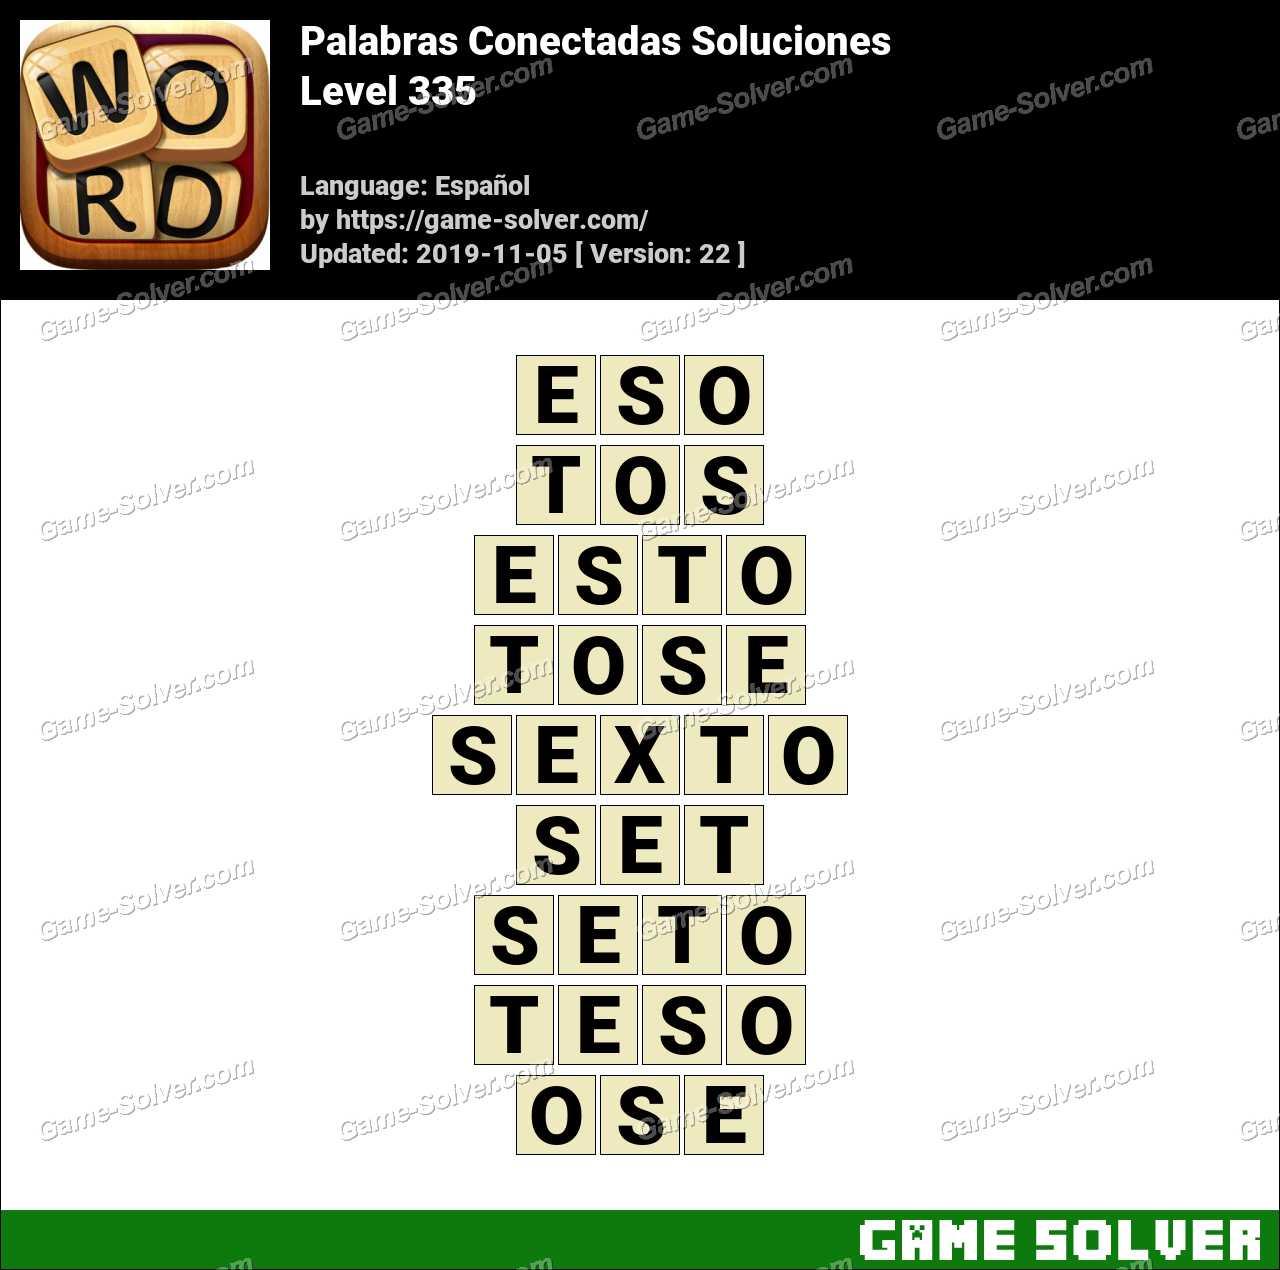 Palabras Conectadas Nivel 335 Soluciones